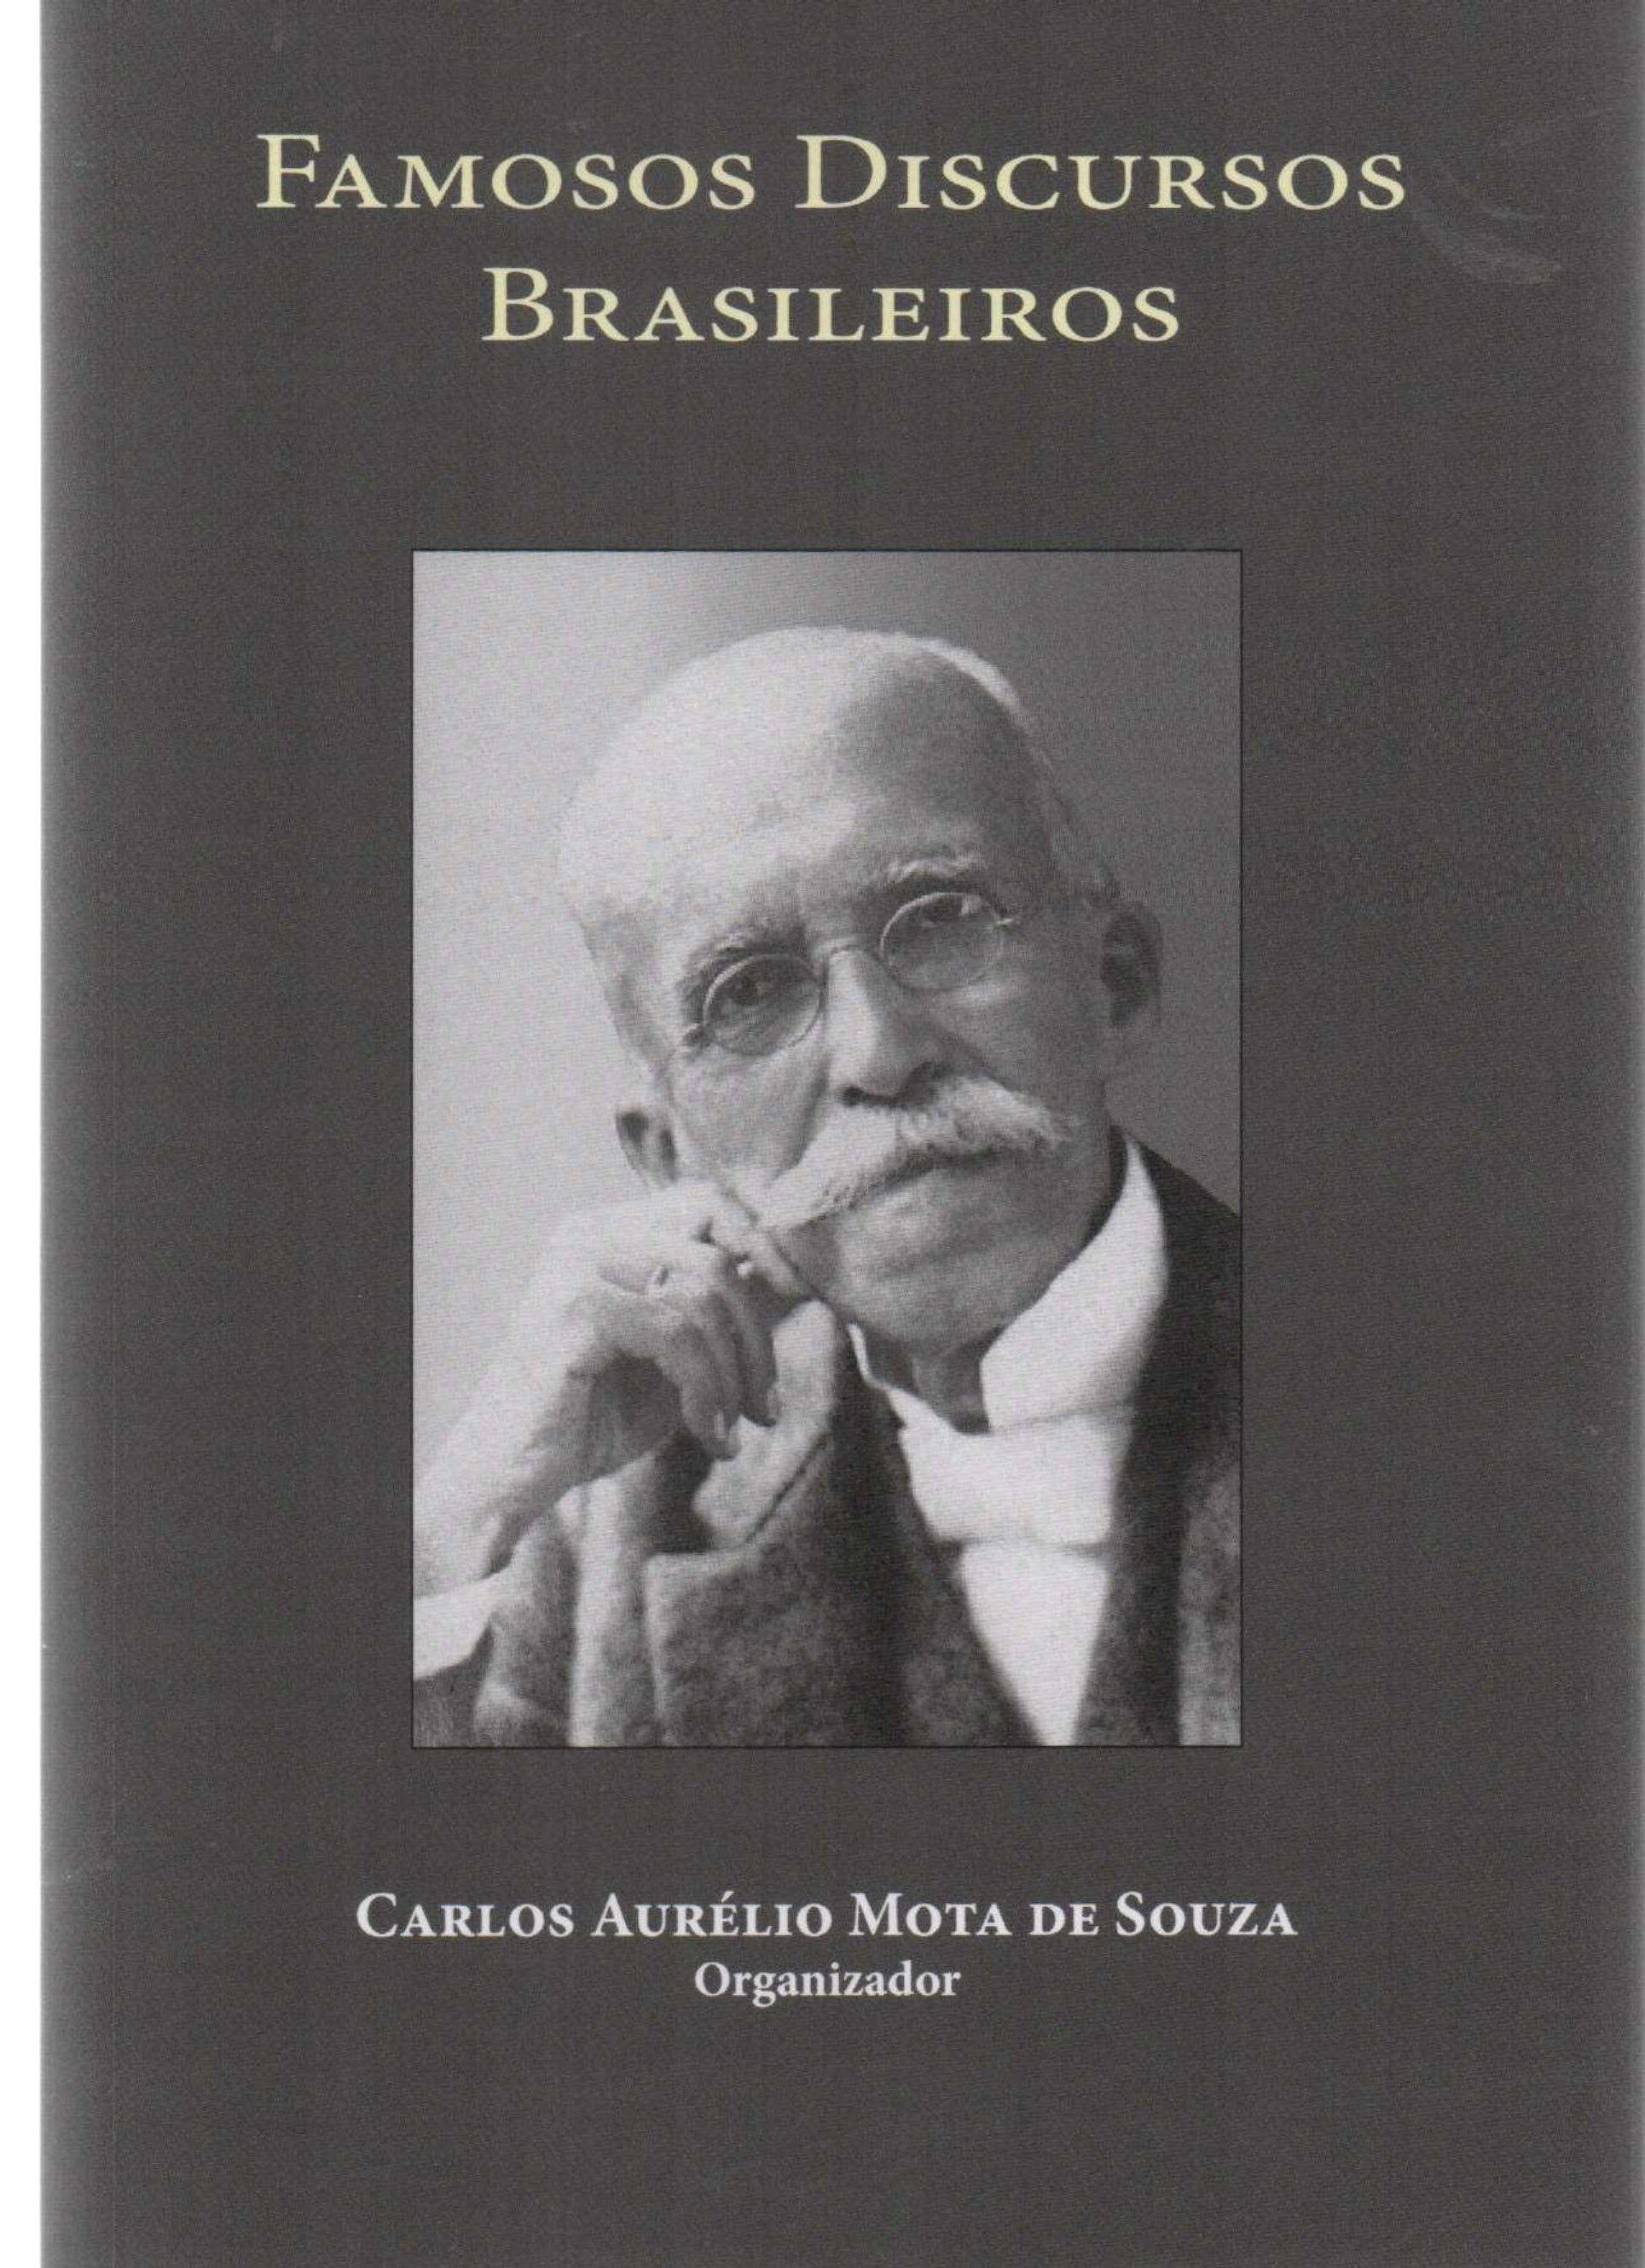 Famosos Discursos Brasileiros